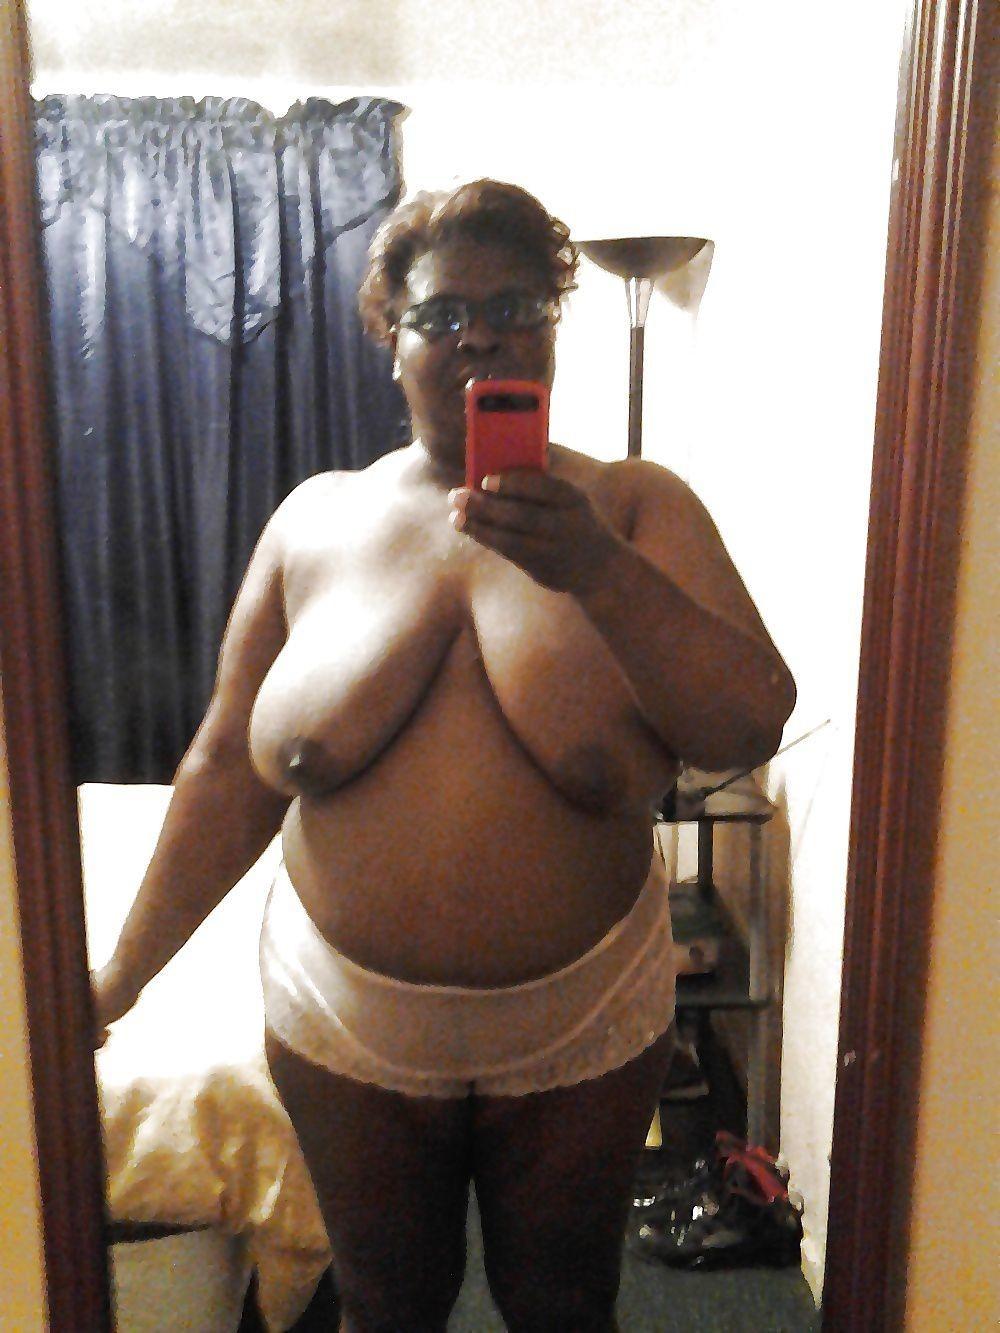 J'ai toujours envie de faire jouir avec mes gros seins live sexe gratuit